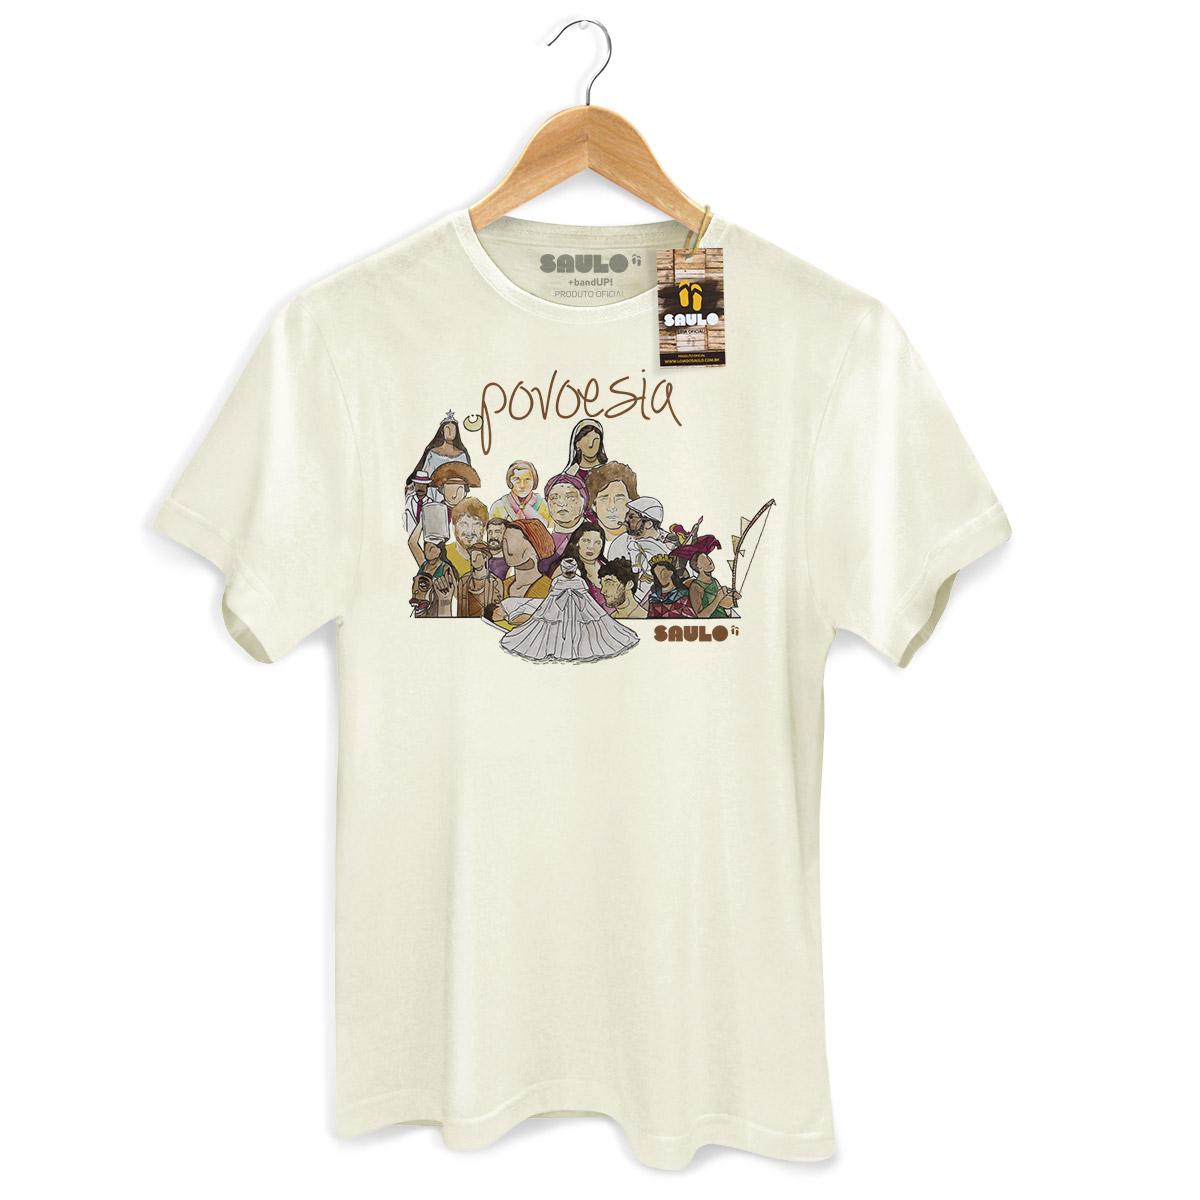 Camiseta Masculina Saulo Povoesia Ilustrada